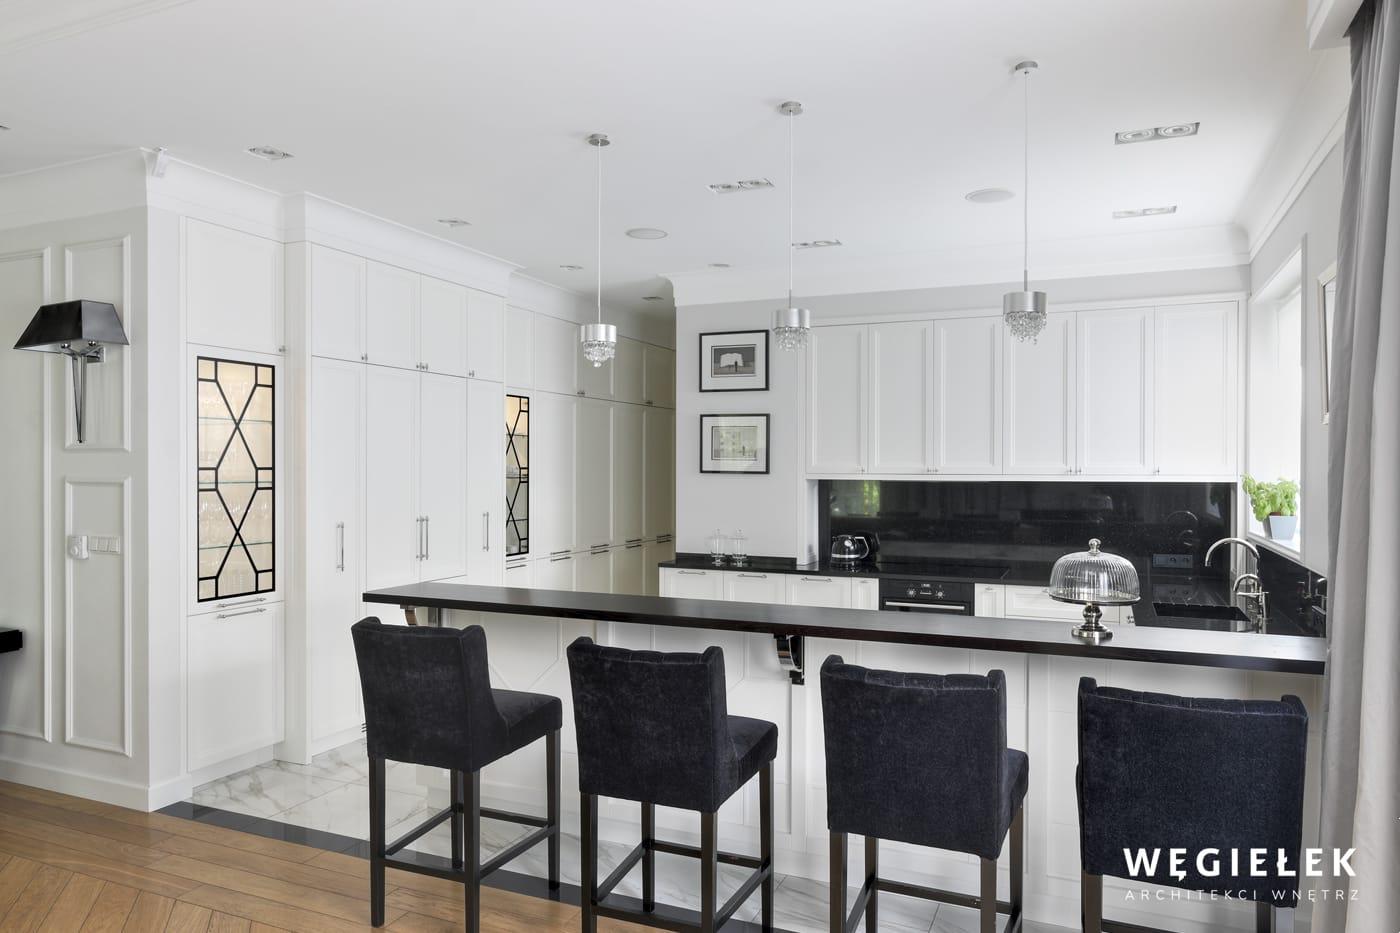 Architekt wnętrz sprawił, że odważna biel, barek i wysokie krzesła nakreśliły nowoczesny styl kuchni. Jest wrażenie czystości i indywidualnego wyglądu.